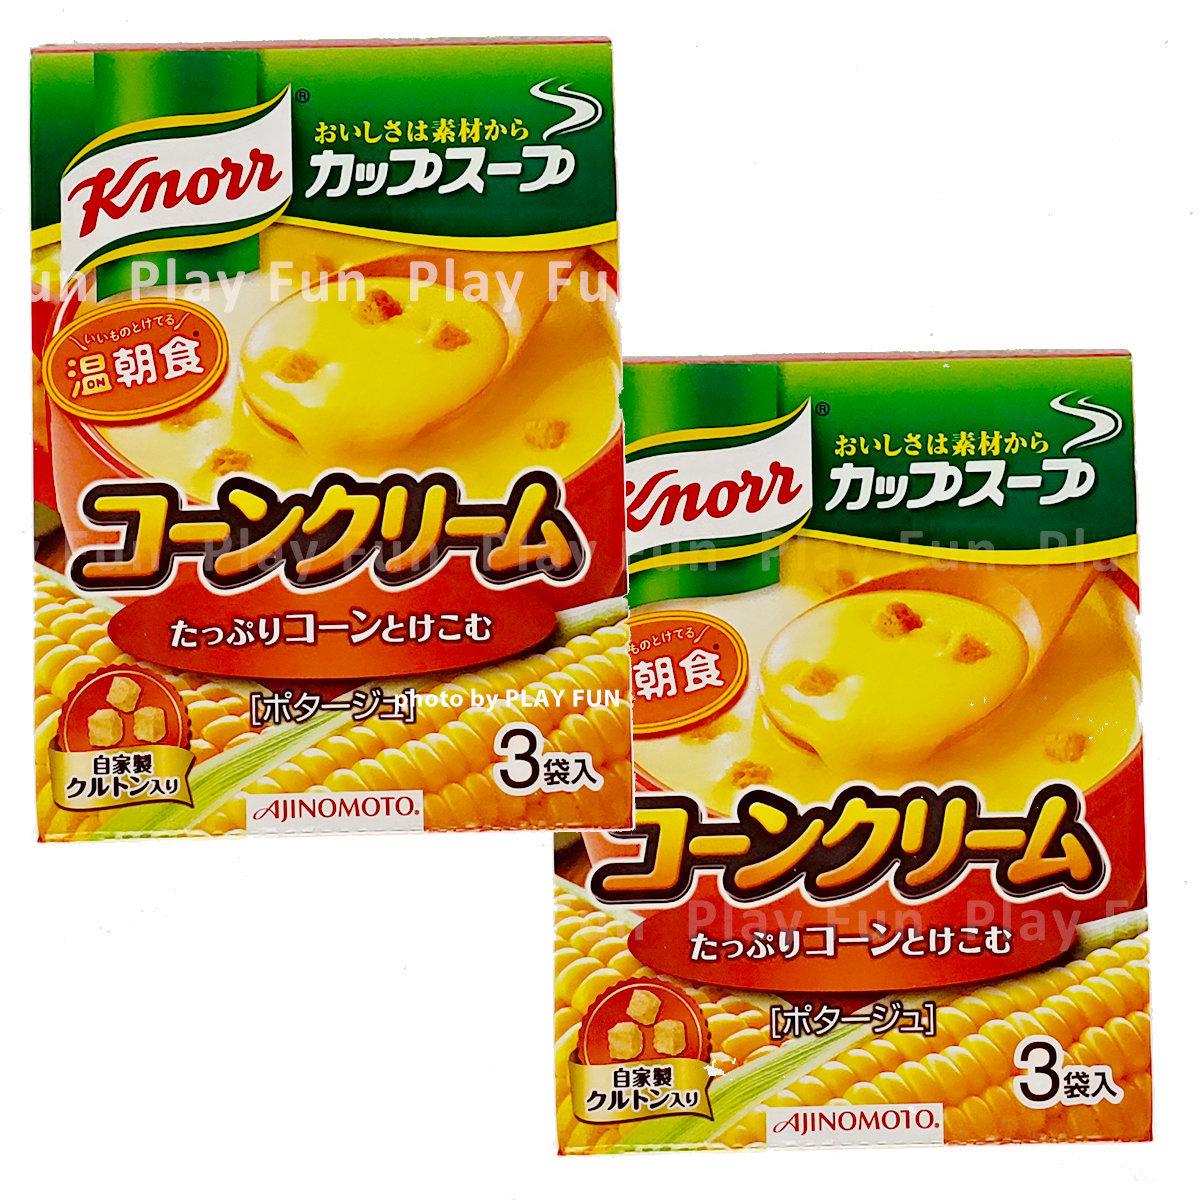 粟米湯 3包裝 x 2盒 (紅) (4901001135714_2)